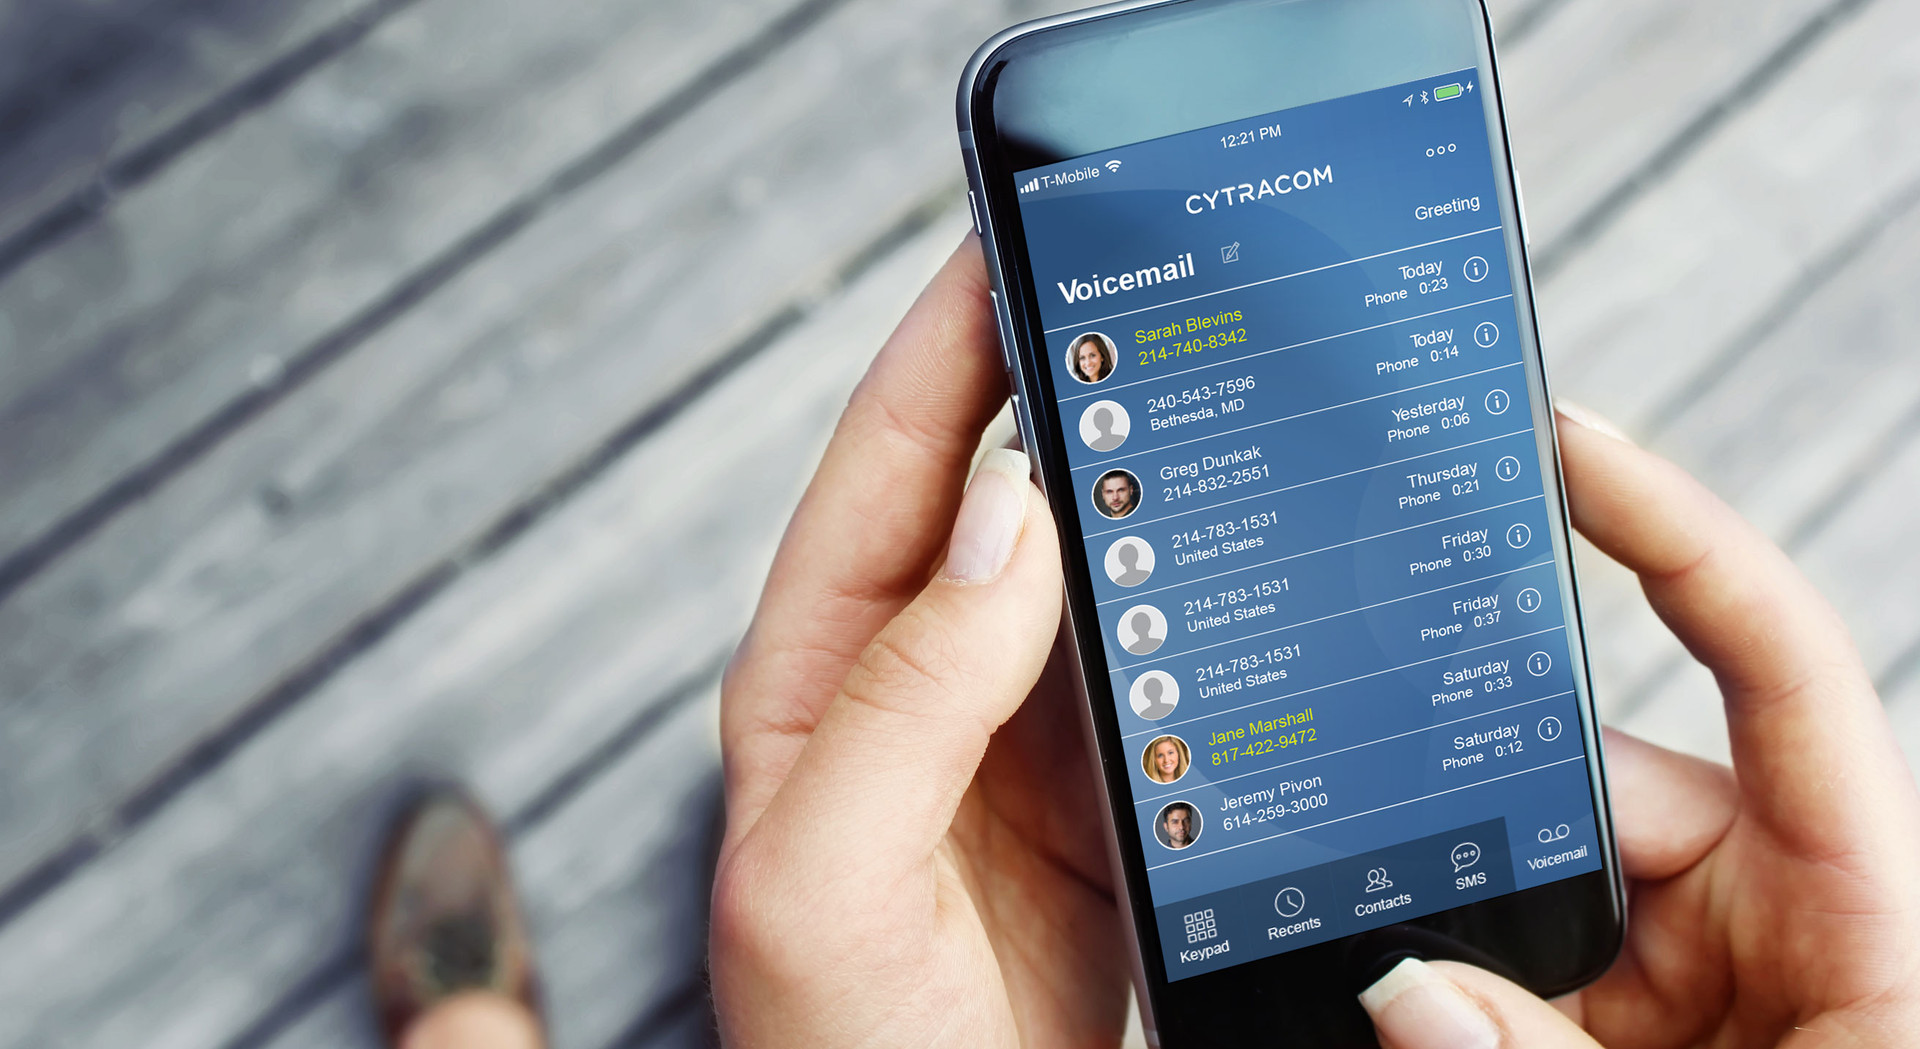 Cytracom VoIP App